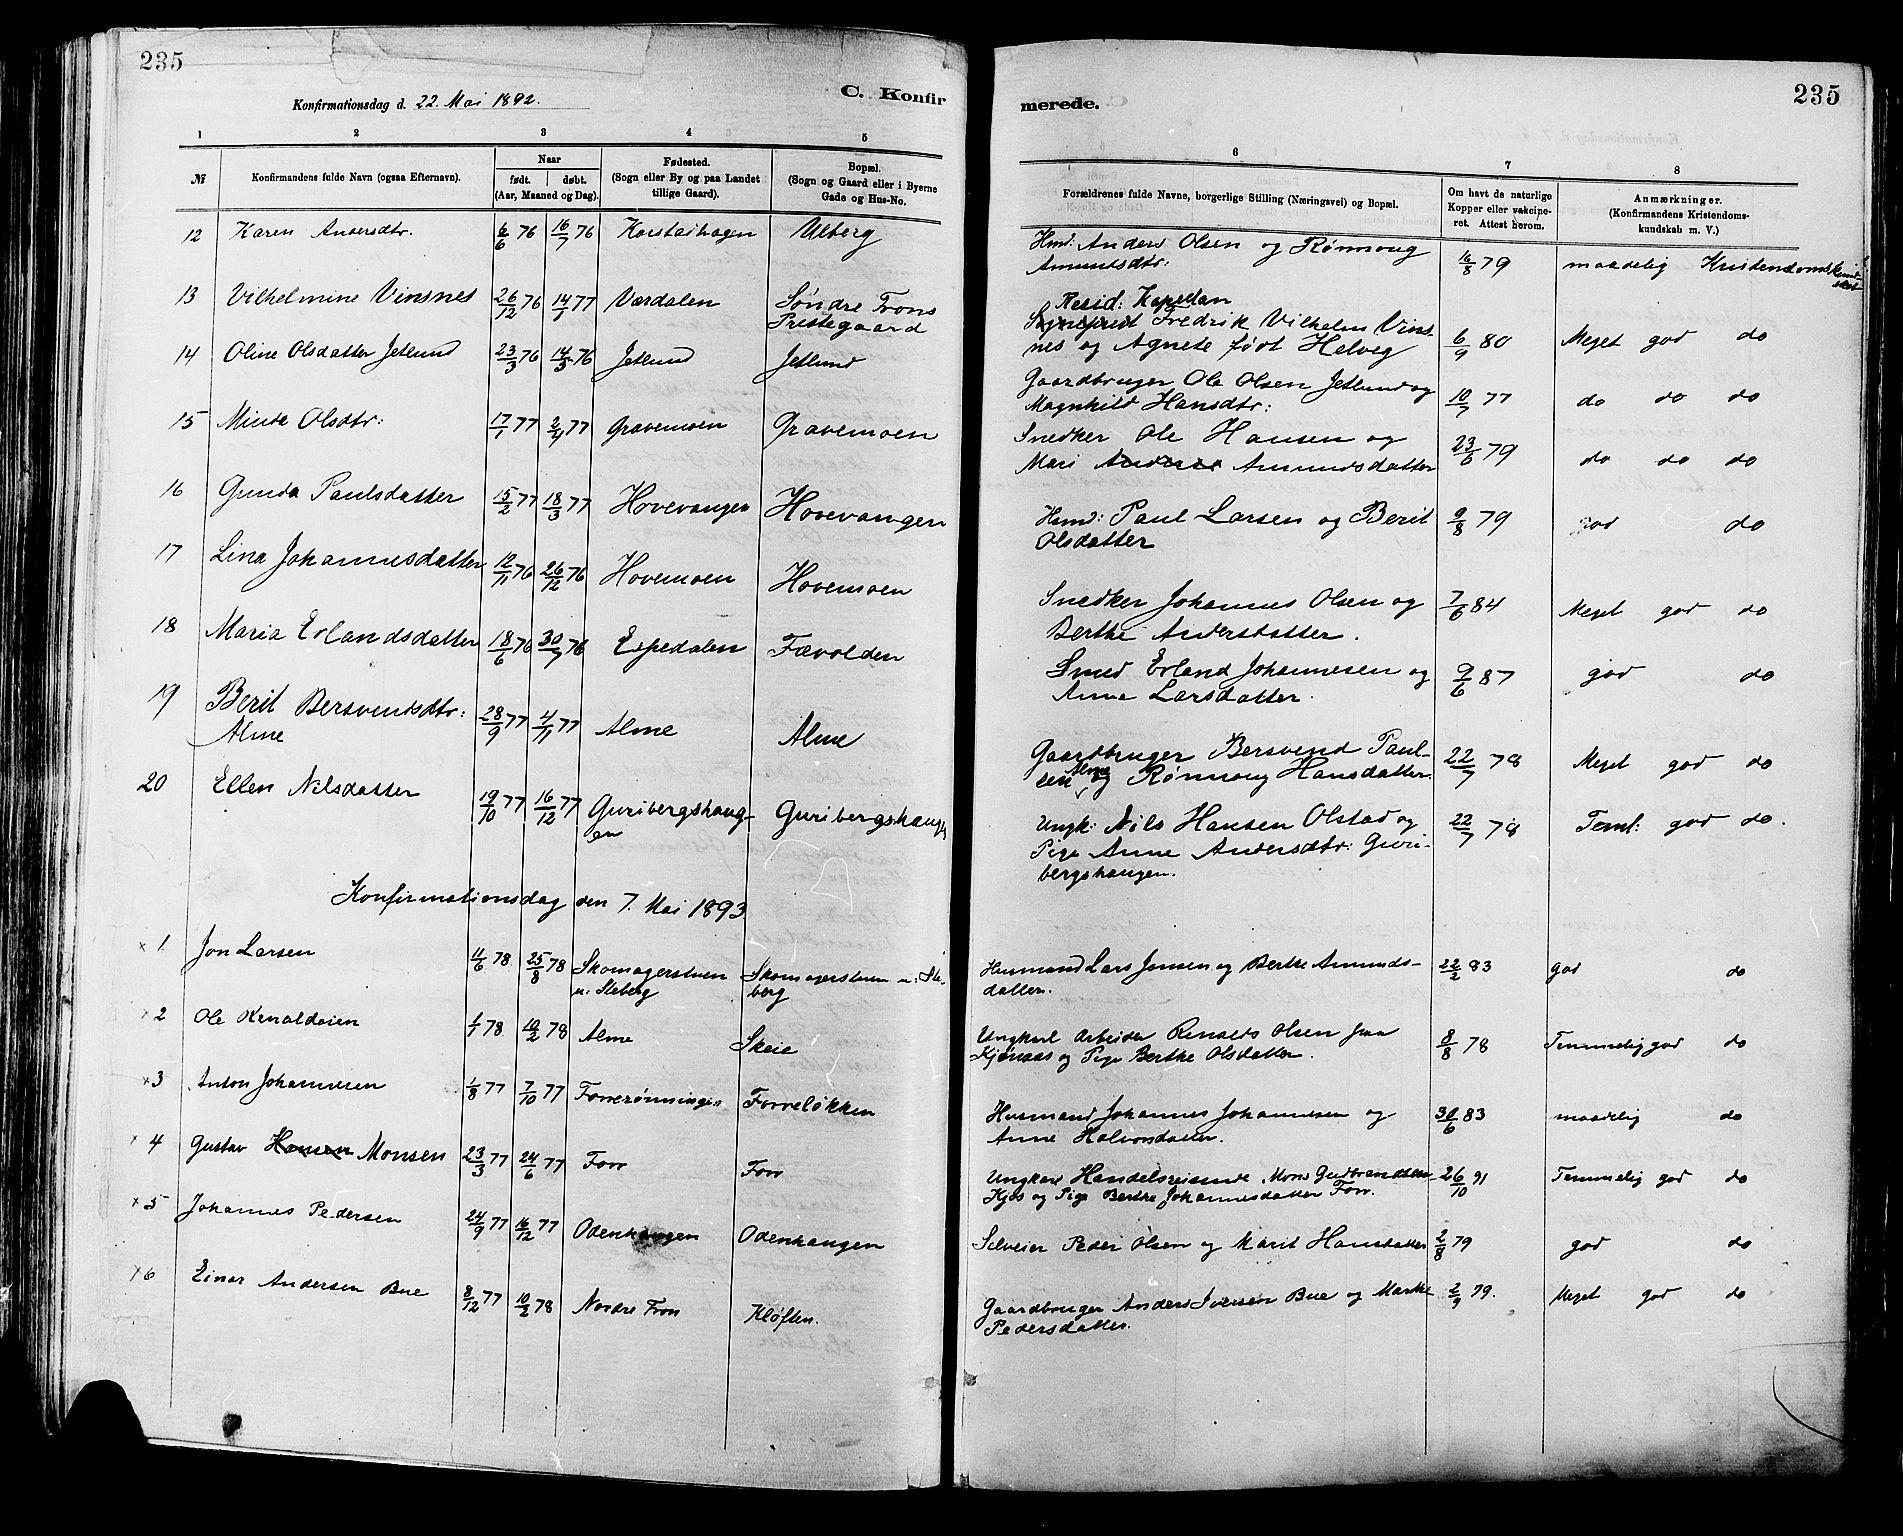 SAH, Sør-Fron prestekontor, H/Ha/Haa/L0003: Ministerialbok nr. 3, 1881-1897, s. 235